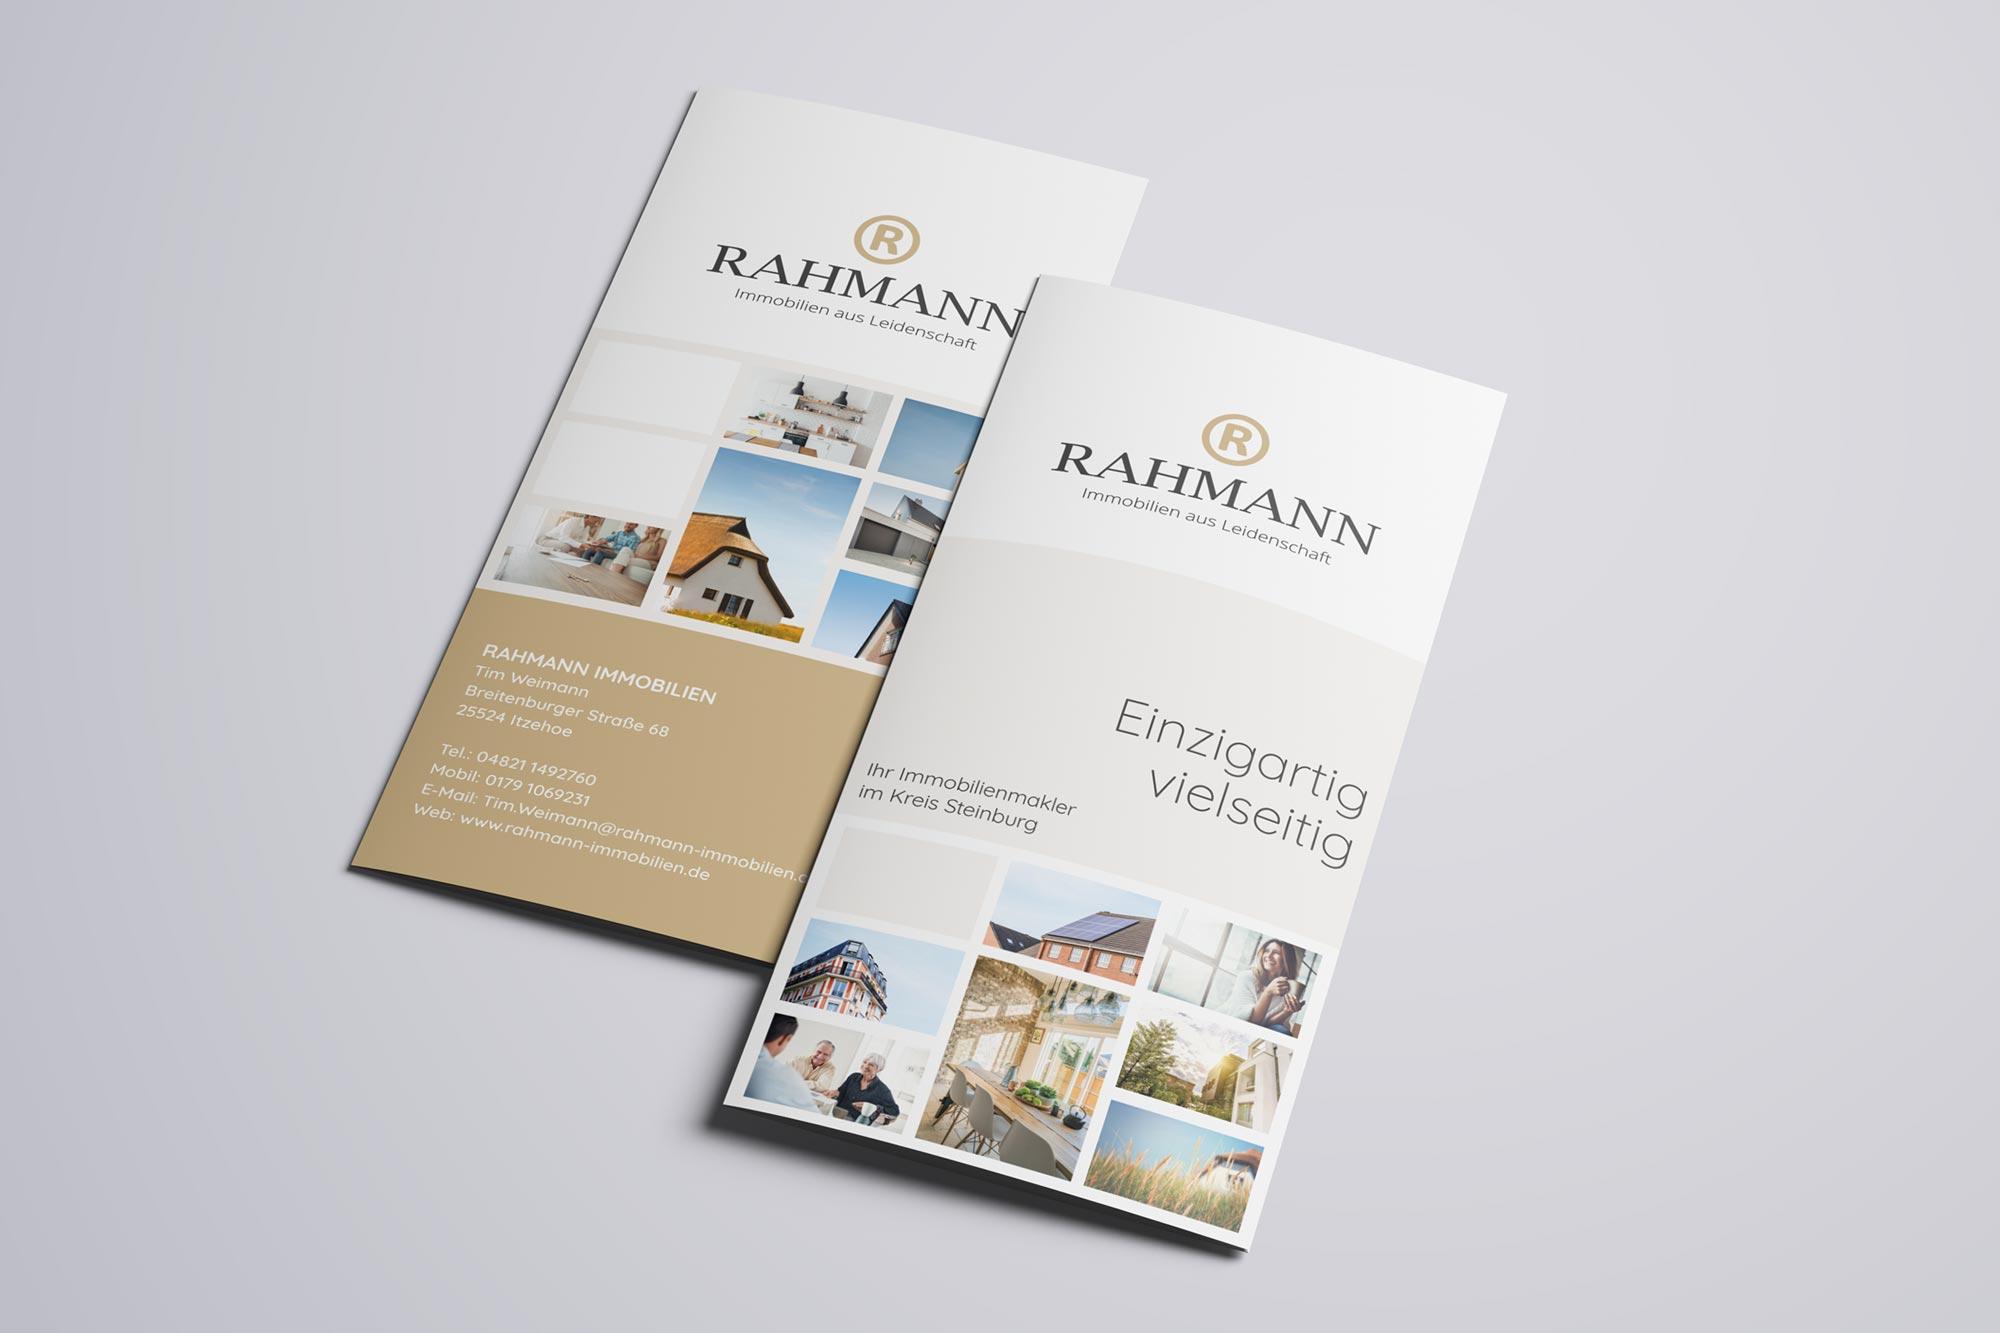 Flyer Rahmann Immobilien